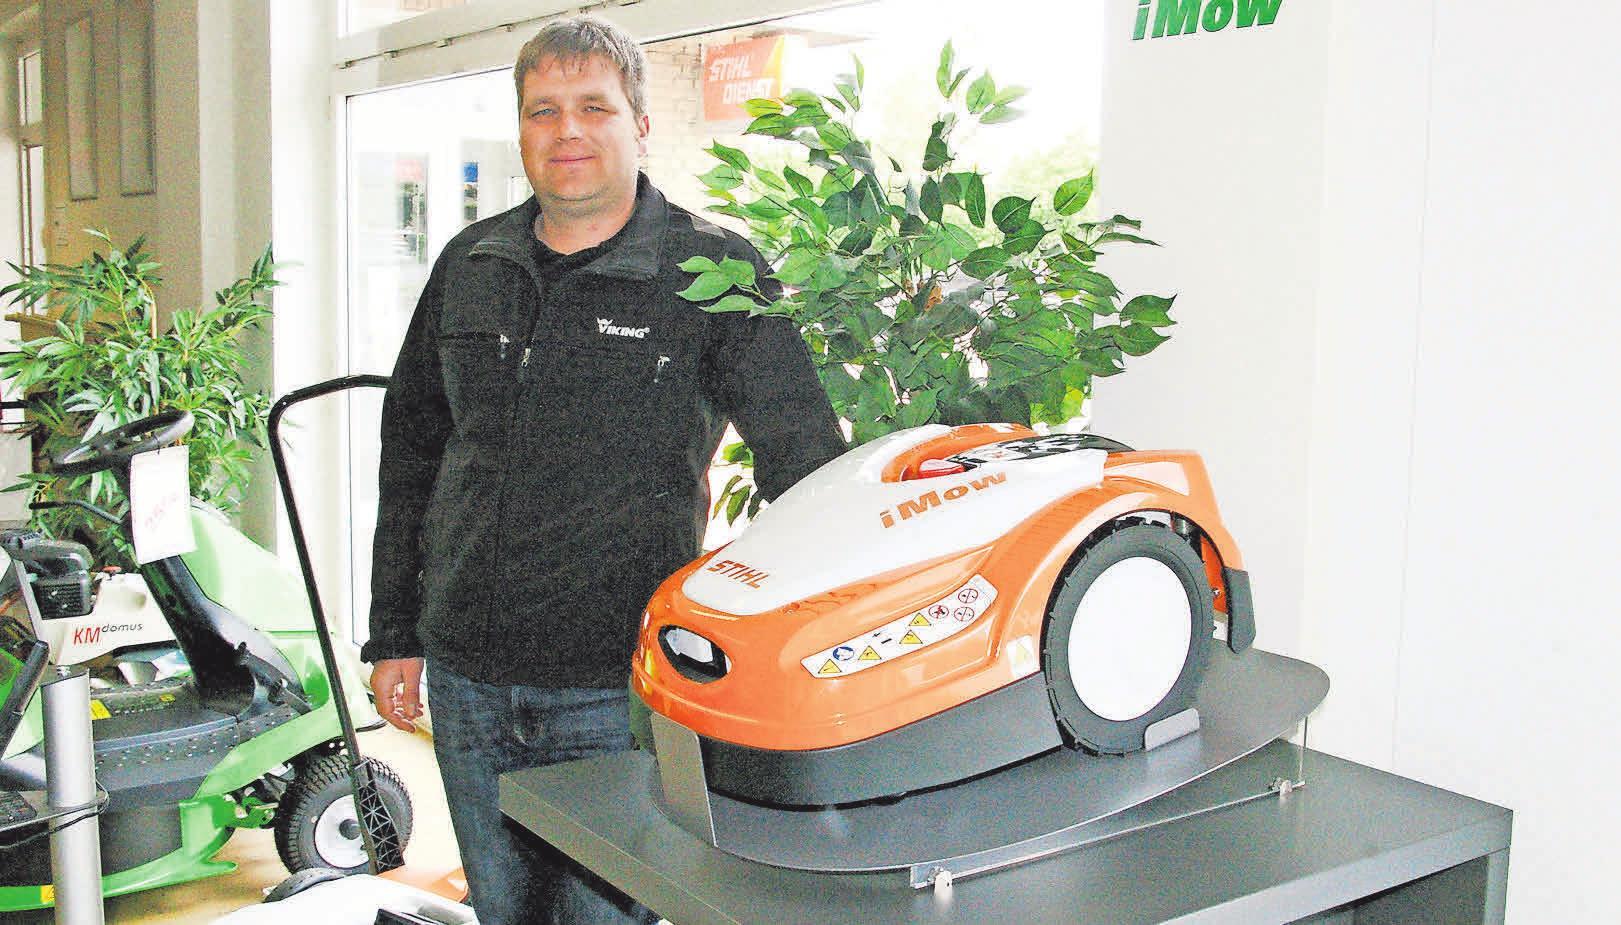 Arne Honig von Strohdach mit einem Mähroboter von Stihl.